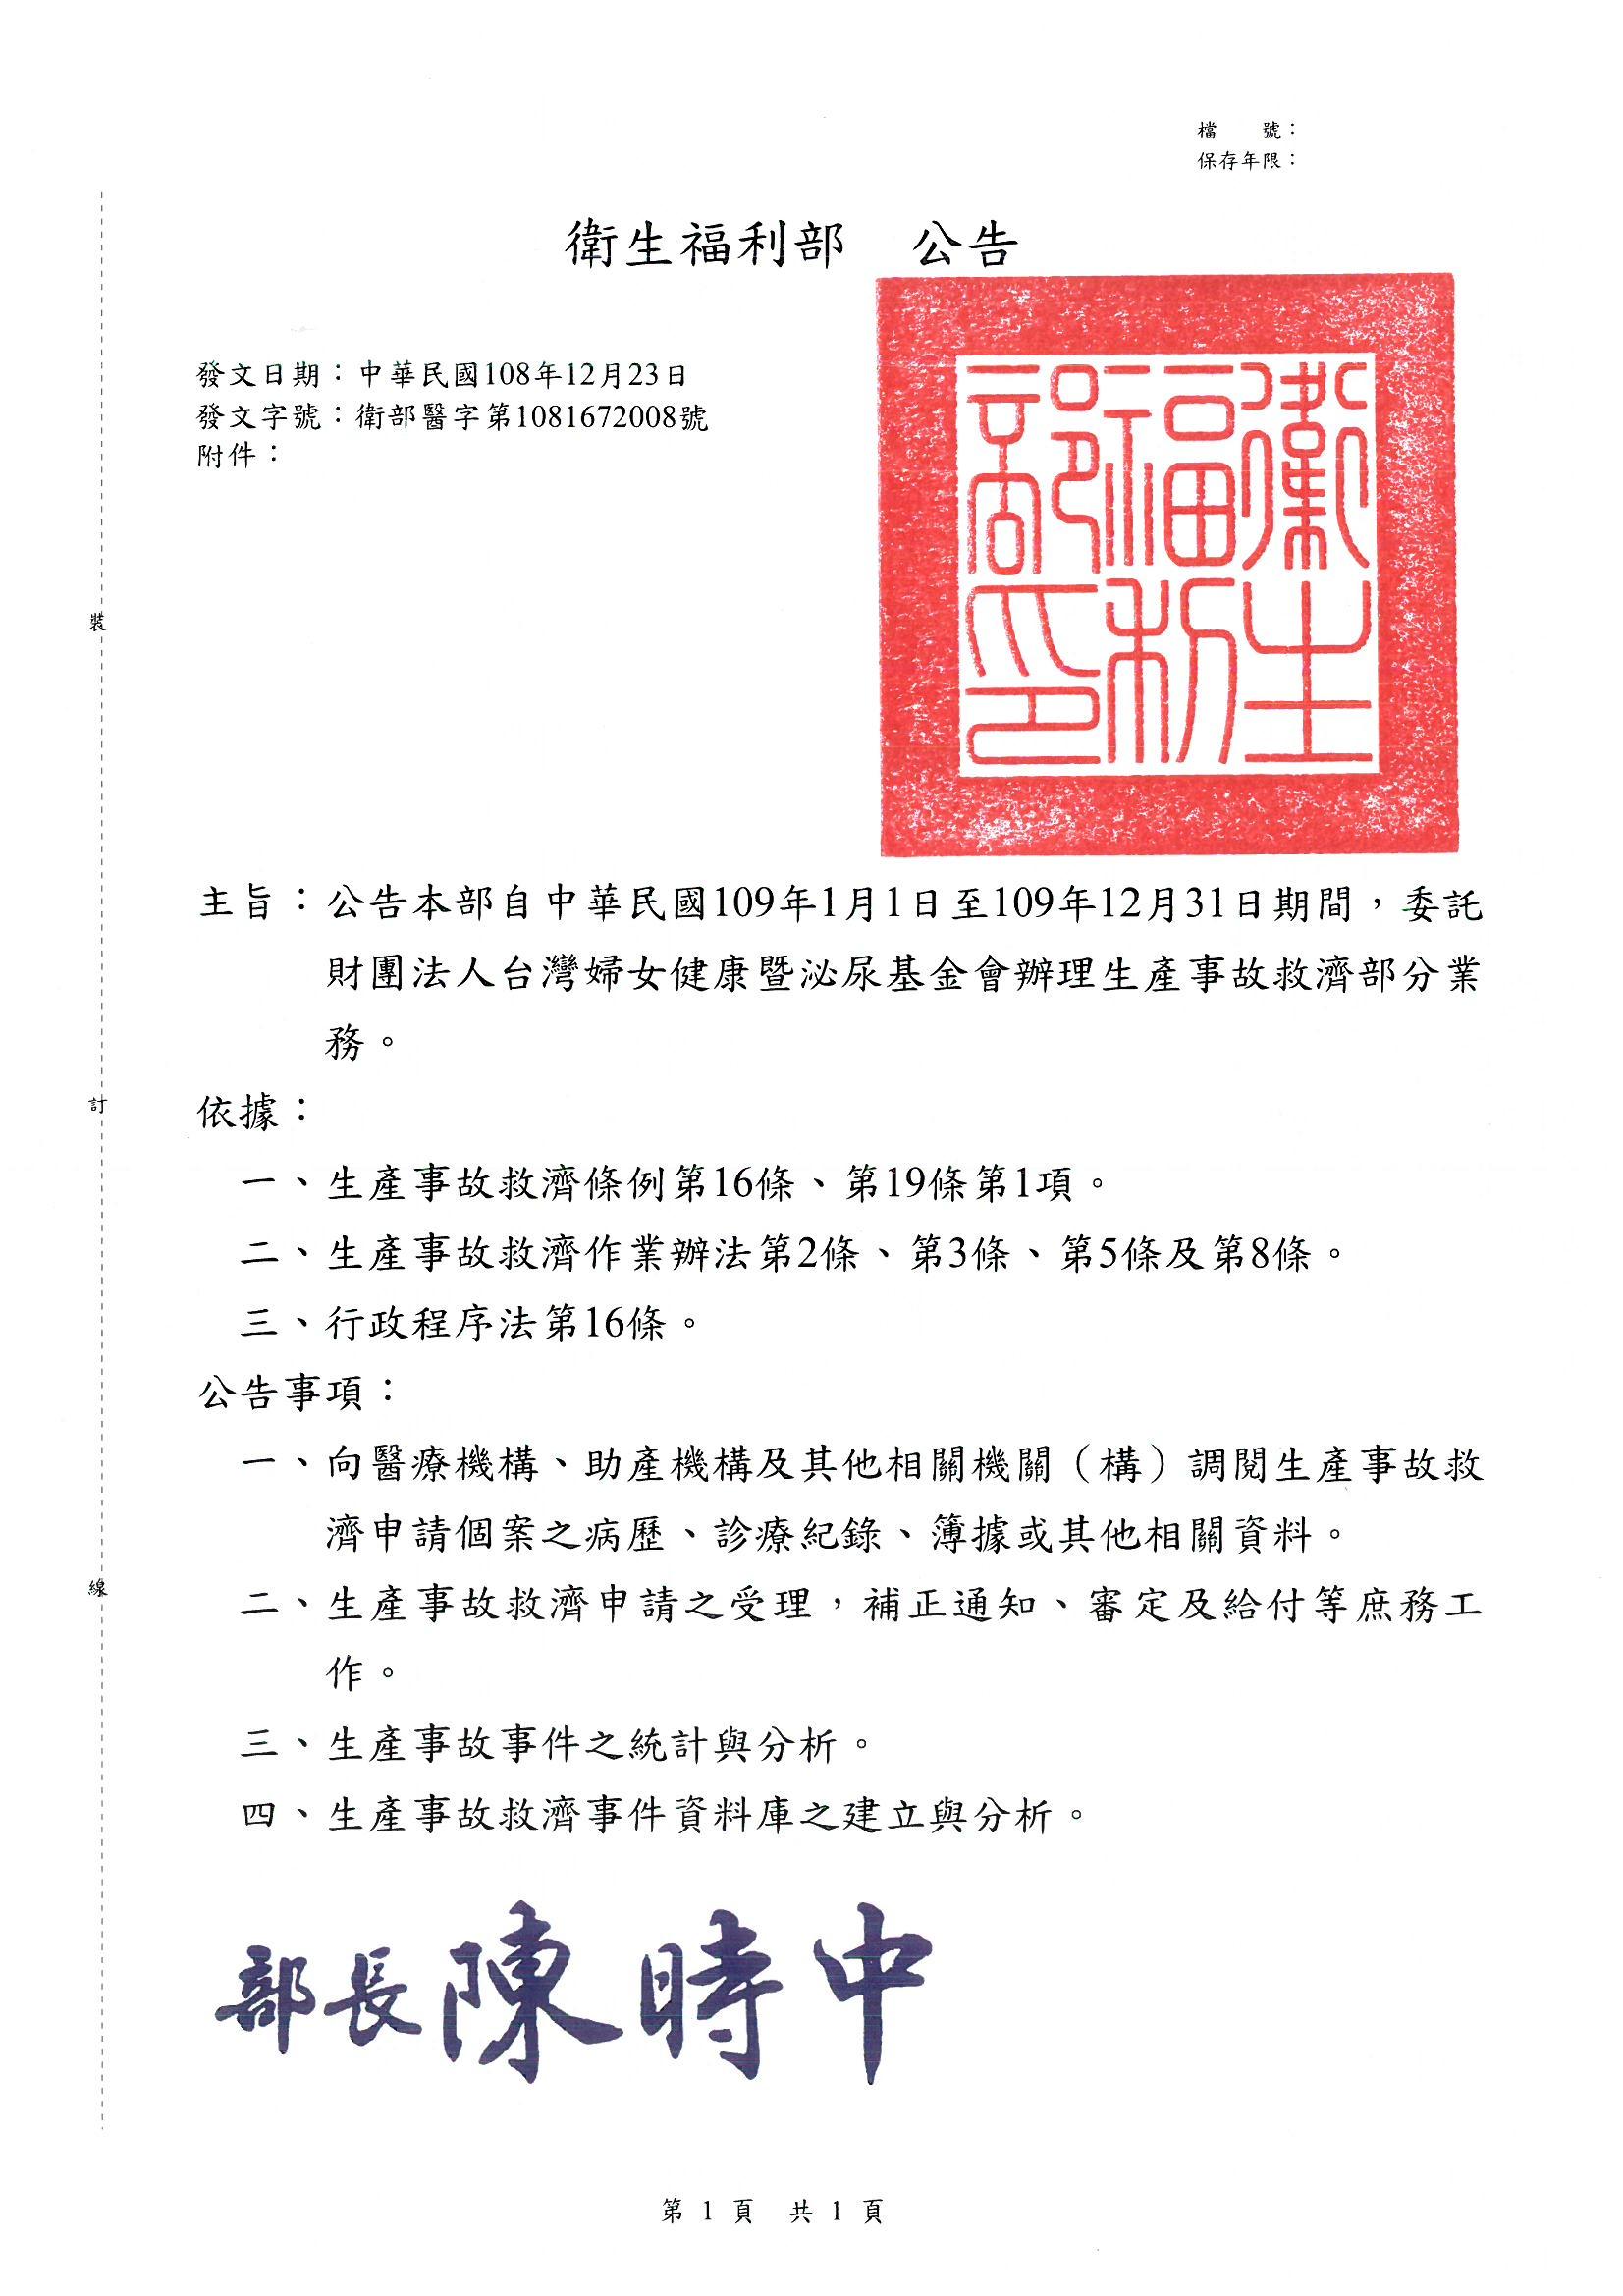 衛生福利部委託財團法人台灣婦女健康暨泌尿基金會辦理生產事故救濟部分業務公告